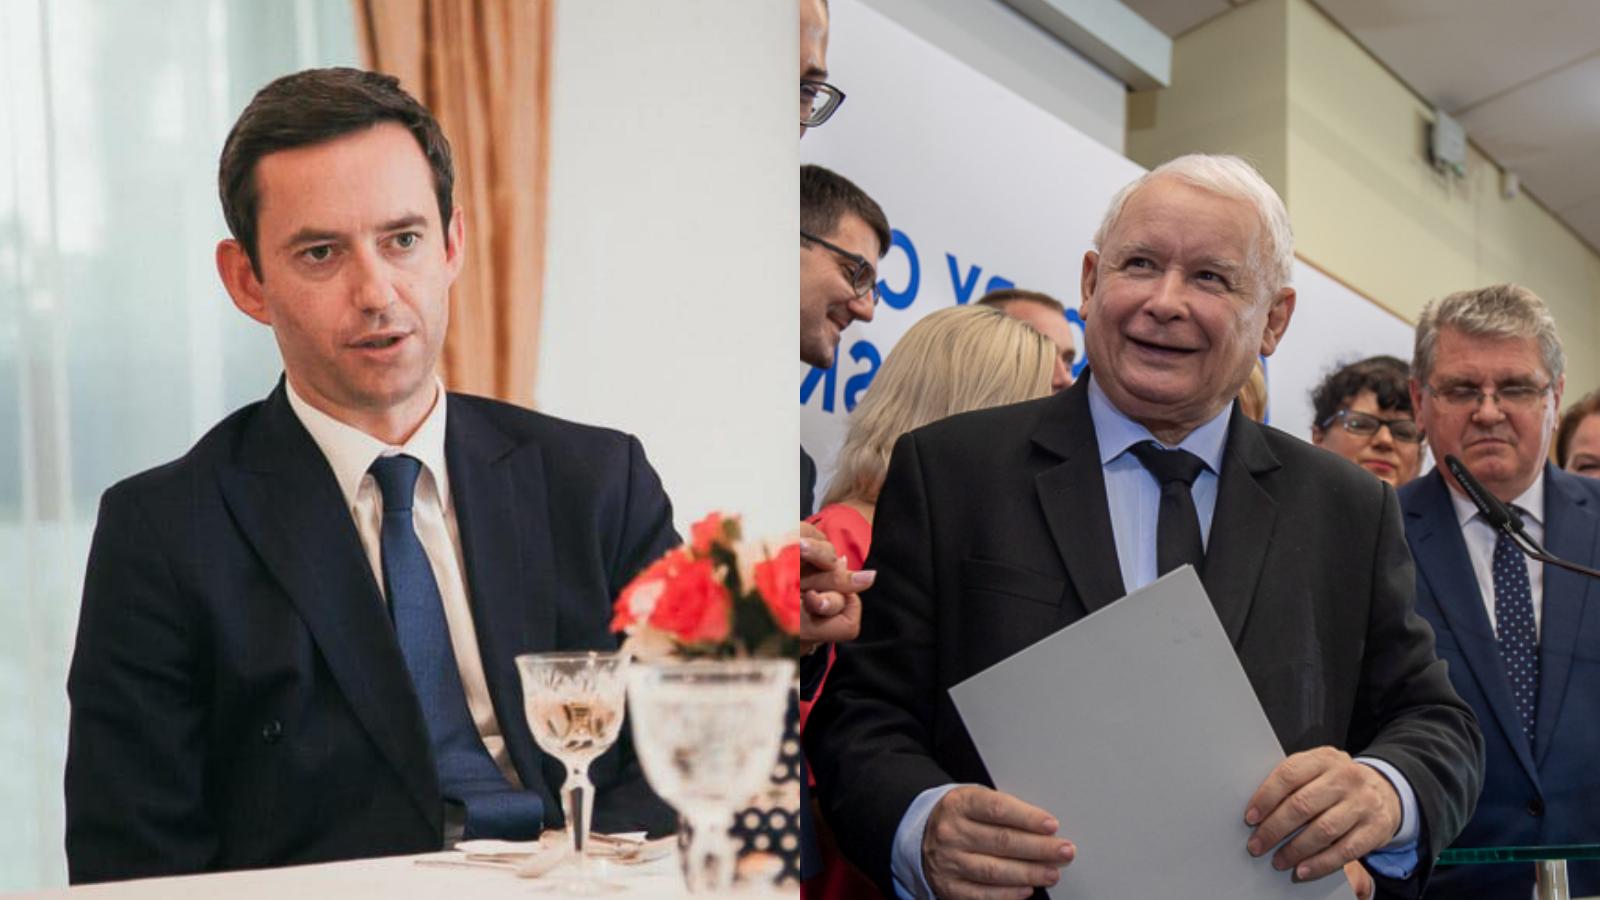 """Politycy, którzy odeszli od Gowina spotkali się z Kaczyńskim: """"Negocjujemy umowę koalicyjną"""""""